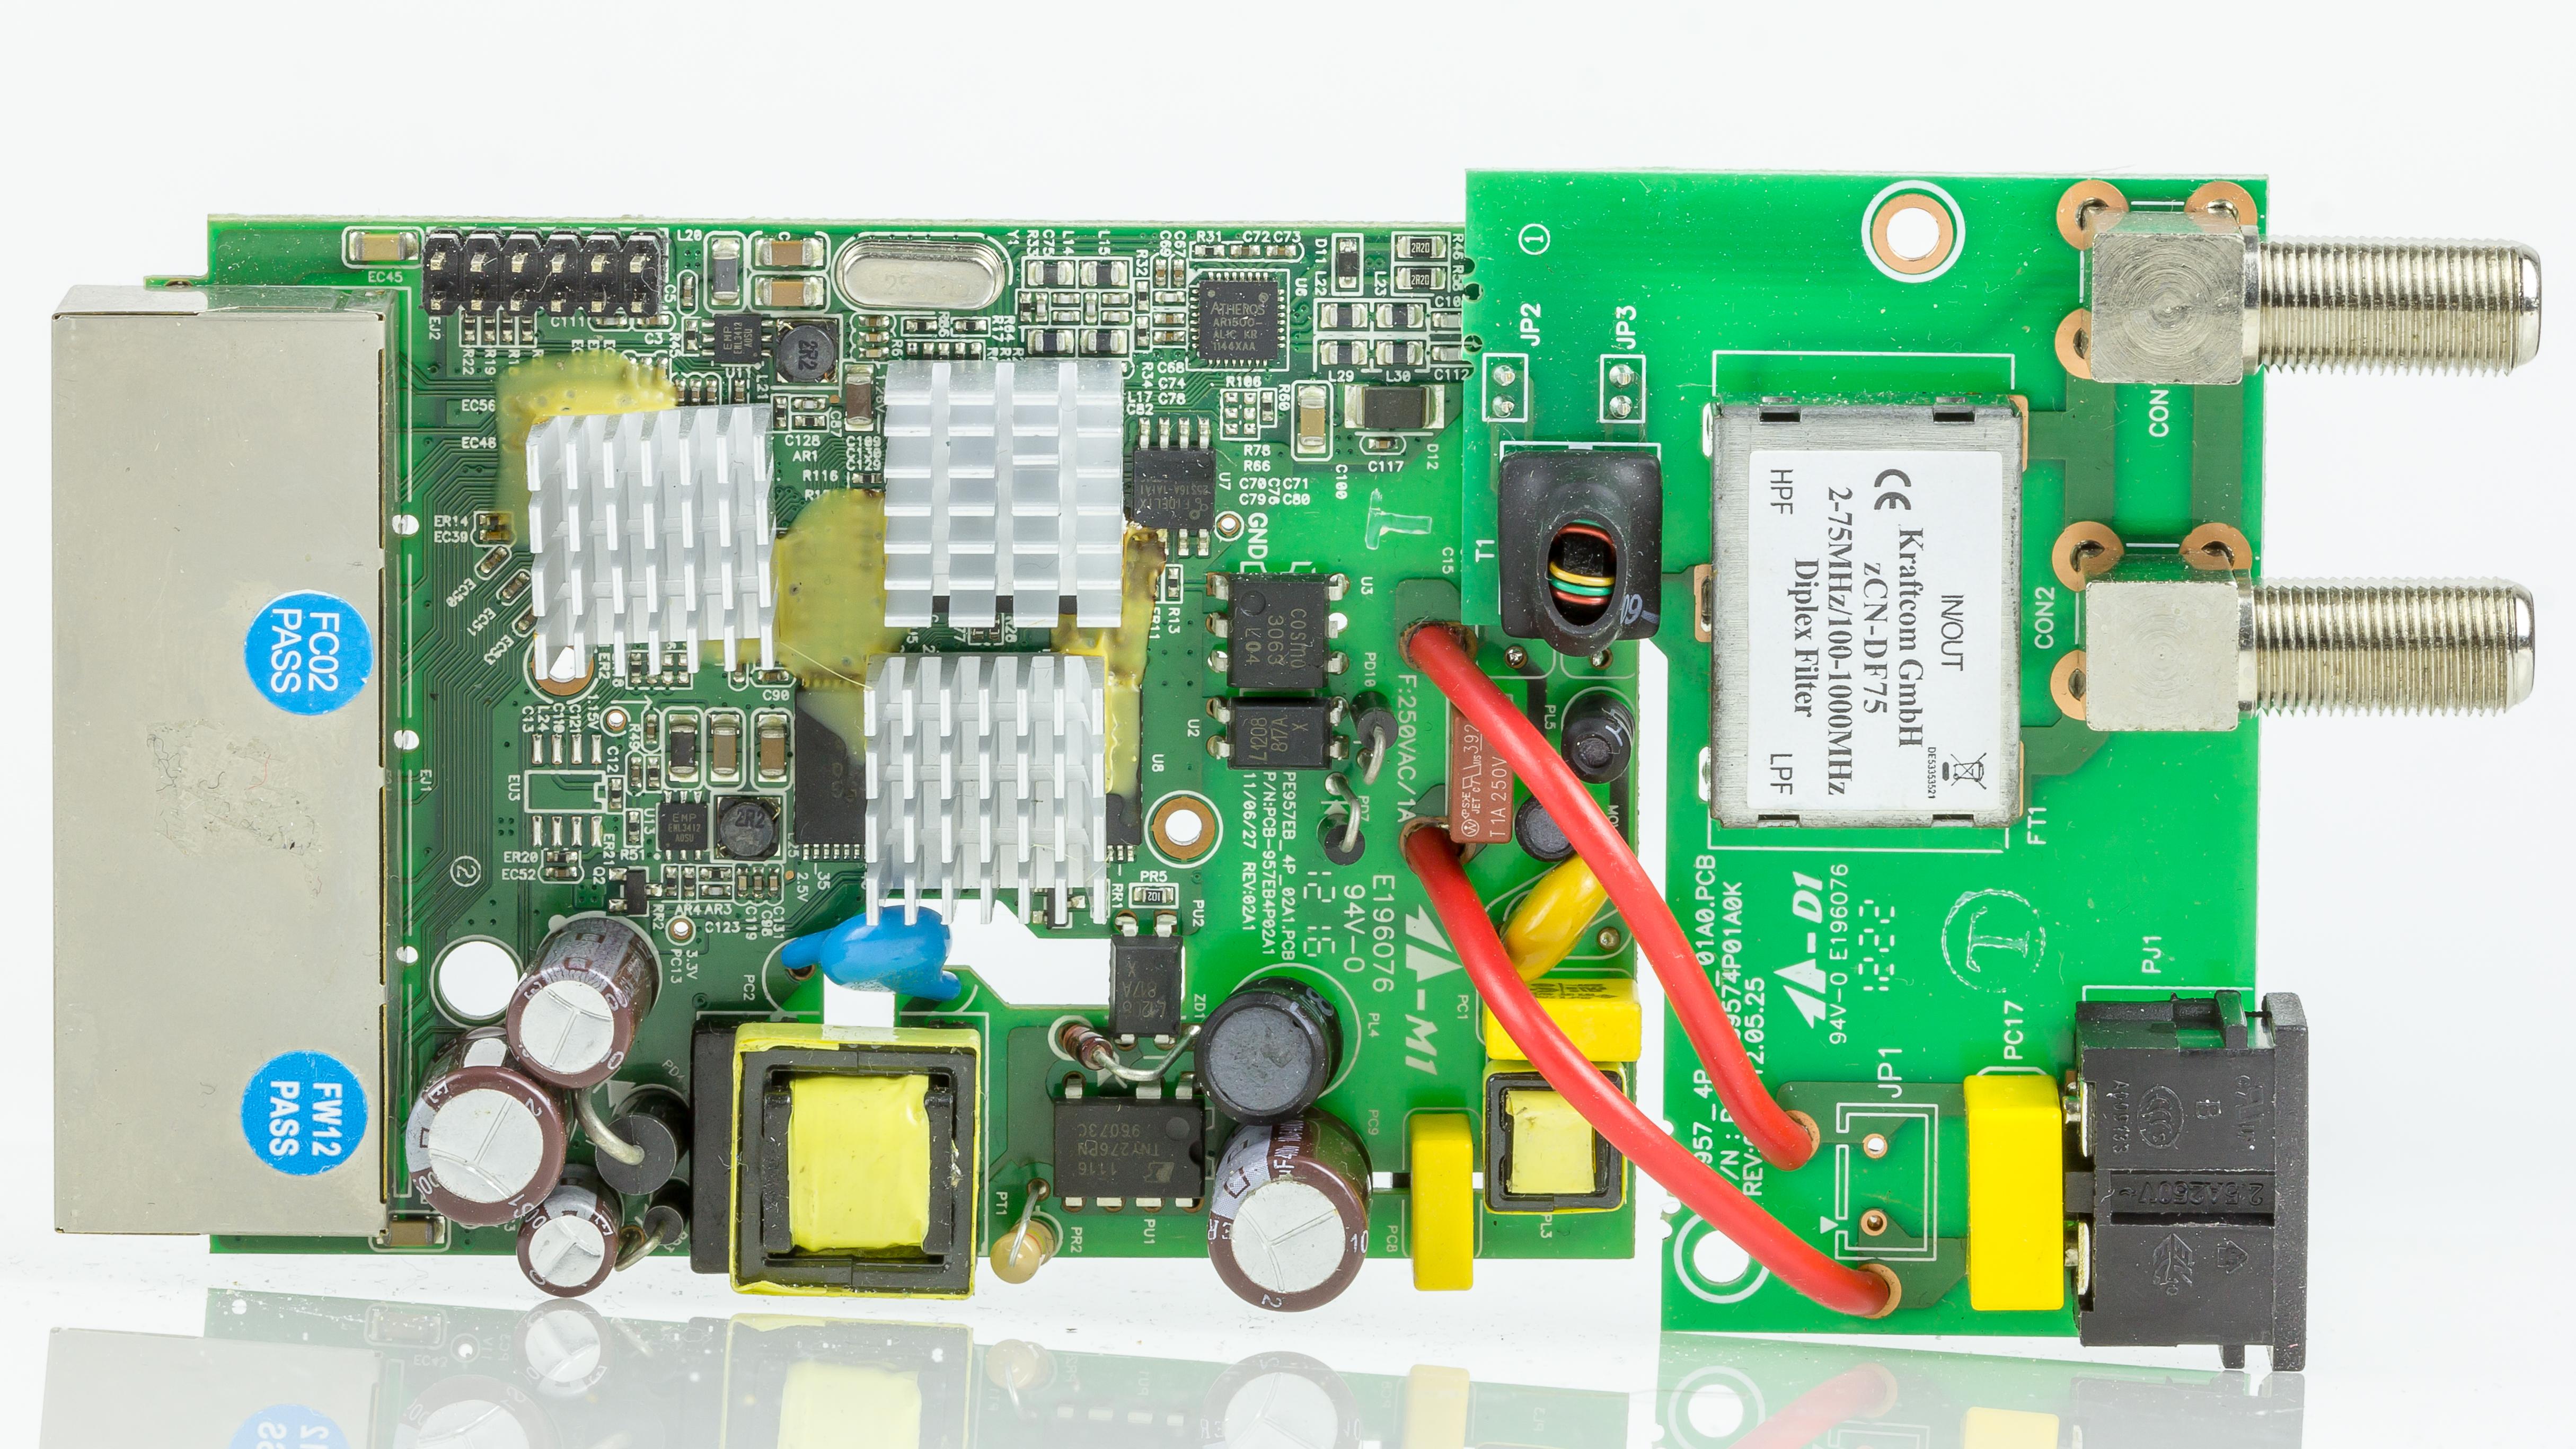 File:KraftCom CoaxLine Adapter CN-KE502M - printed circuit